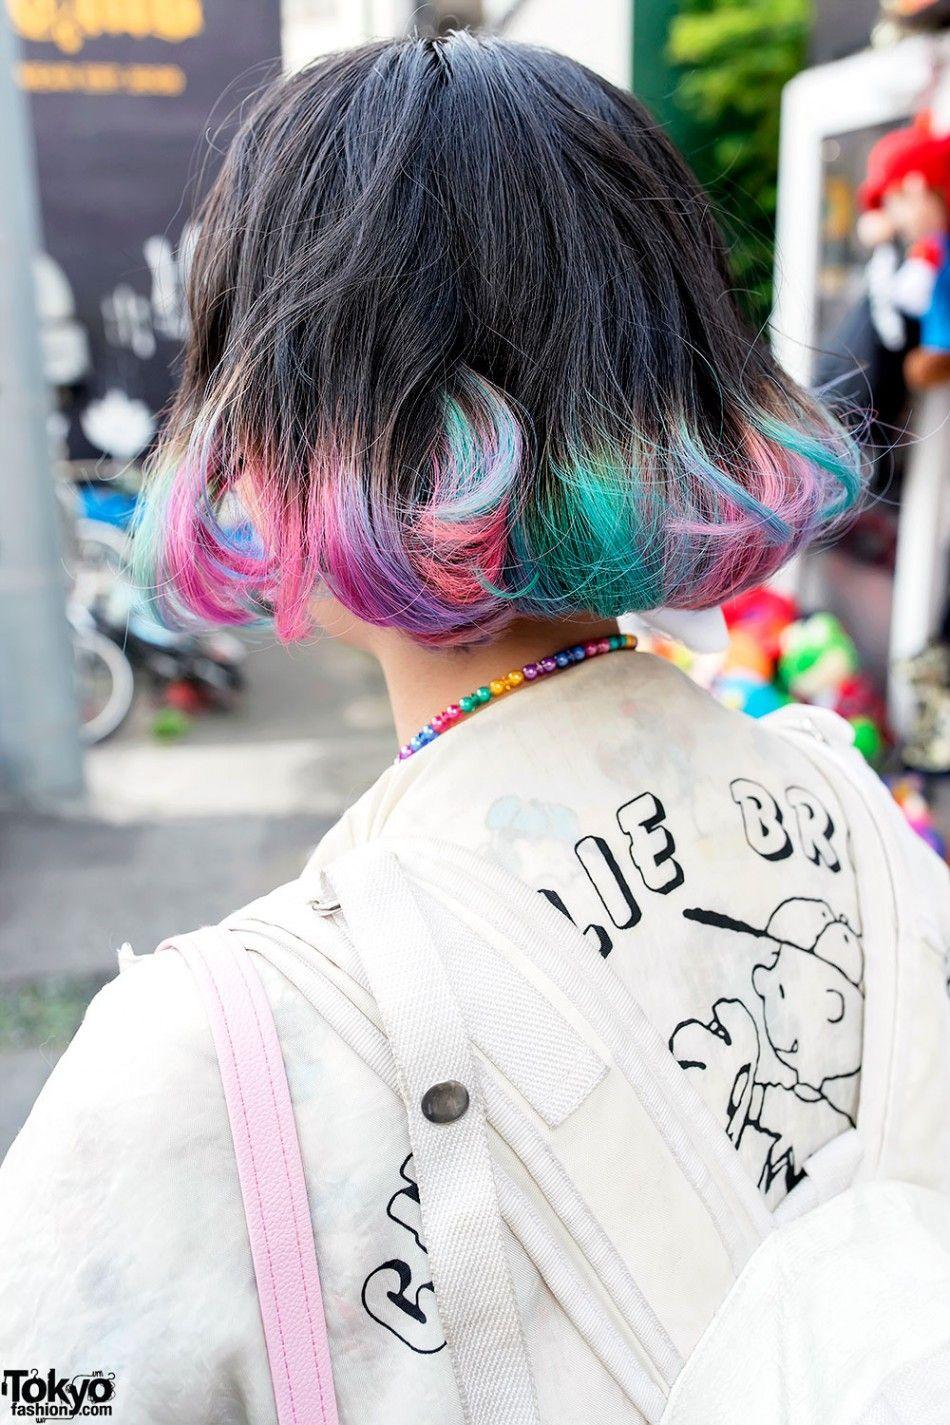 Elleanor in Harajuku w/ Colorful Hair, Himitsu Kessya